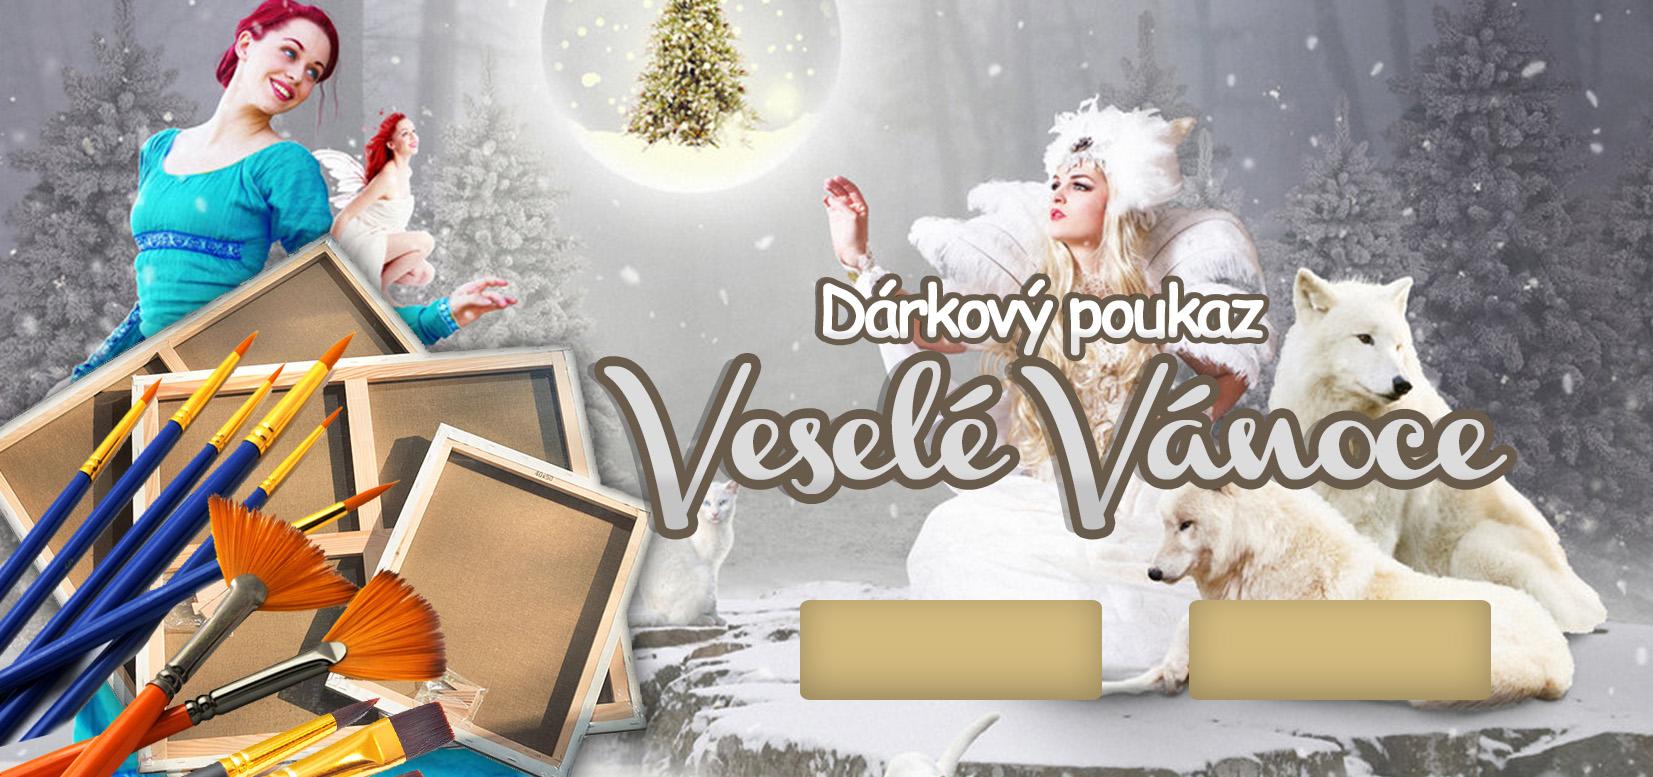 Image of Dárkový POUKAZ - Veselé Vánoce 1